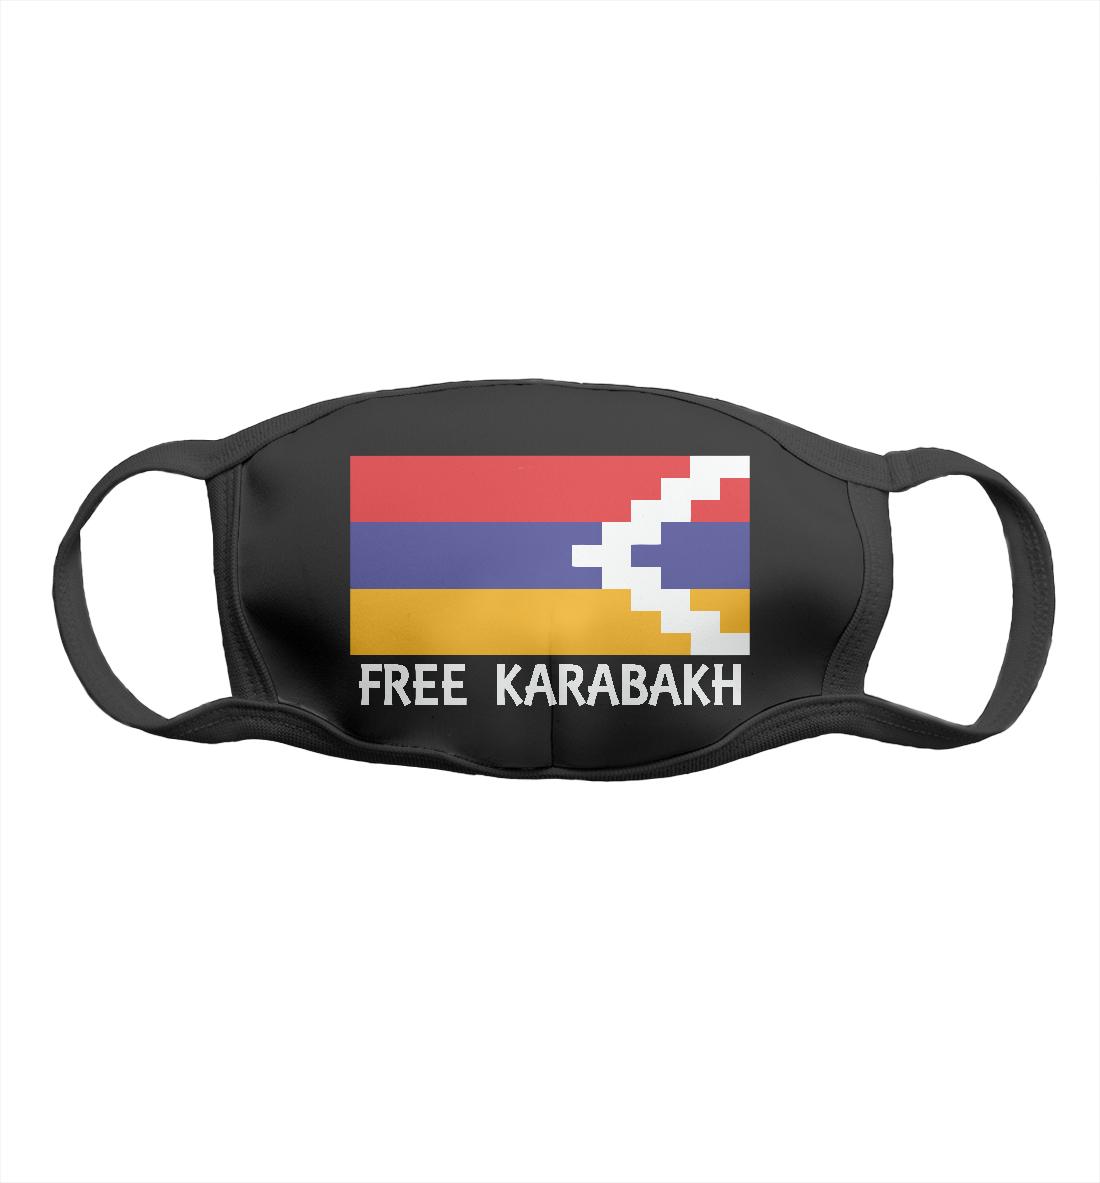 Фото - Свободу Карабаху илья светляев свободу мне свободу путь исканий